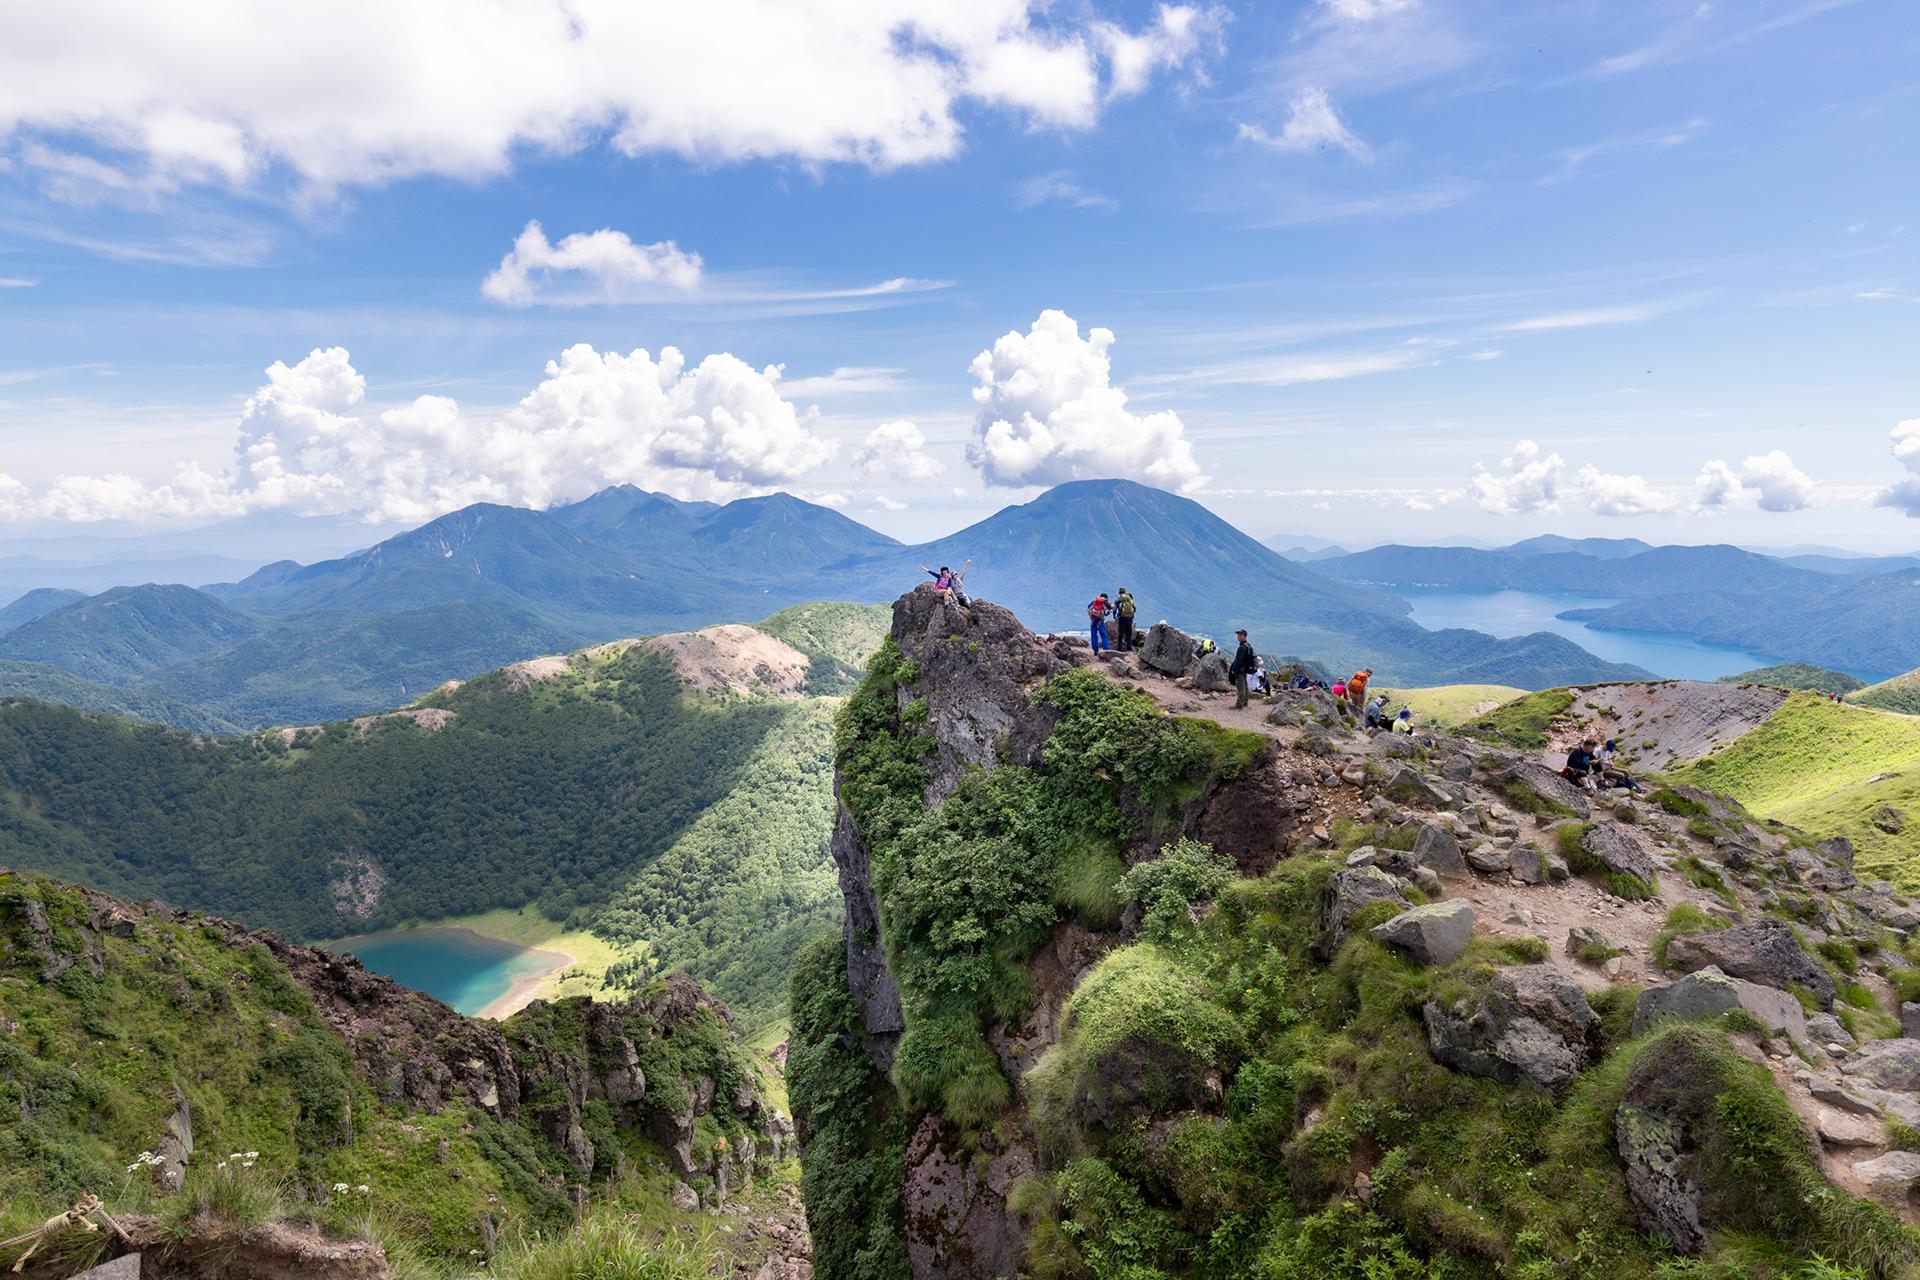 04_main-1 ビギナーにもおすすめ!日帰りでも楽しめる関東の絶景登山・ハイキングスポット10選